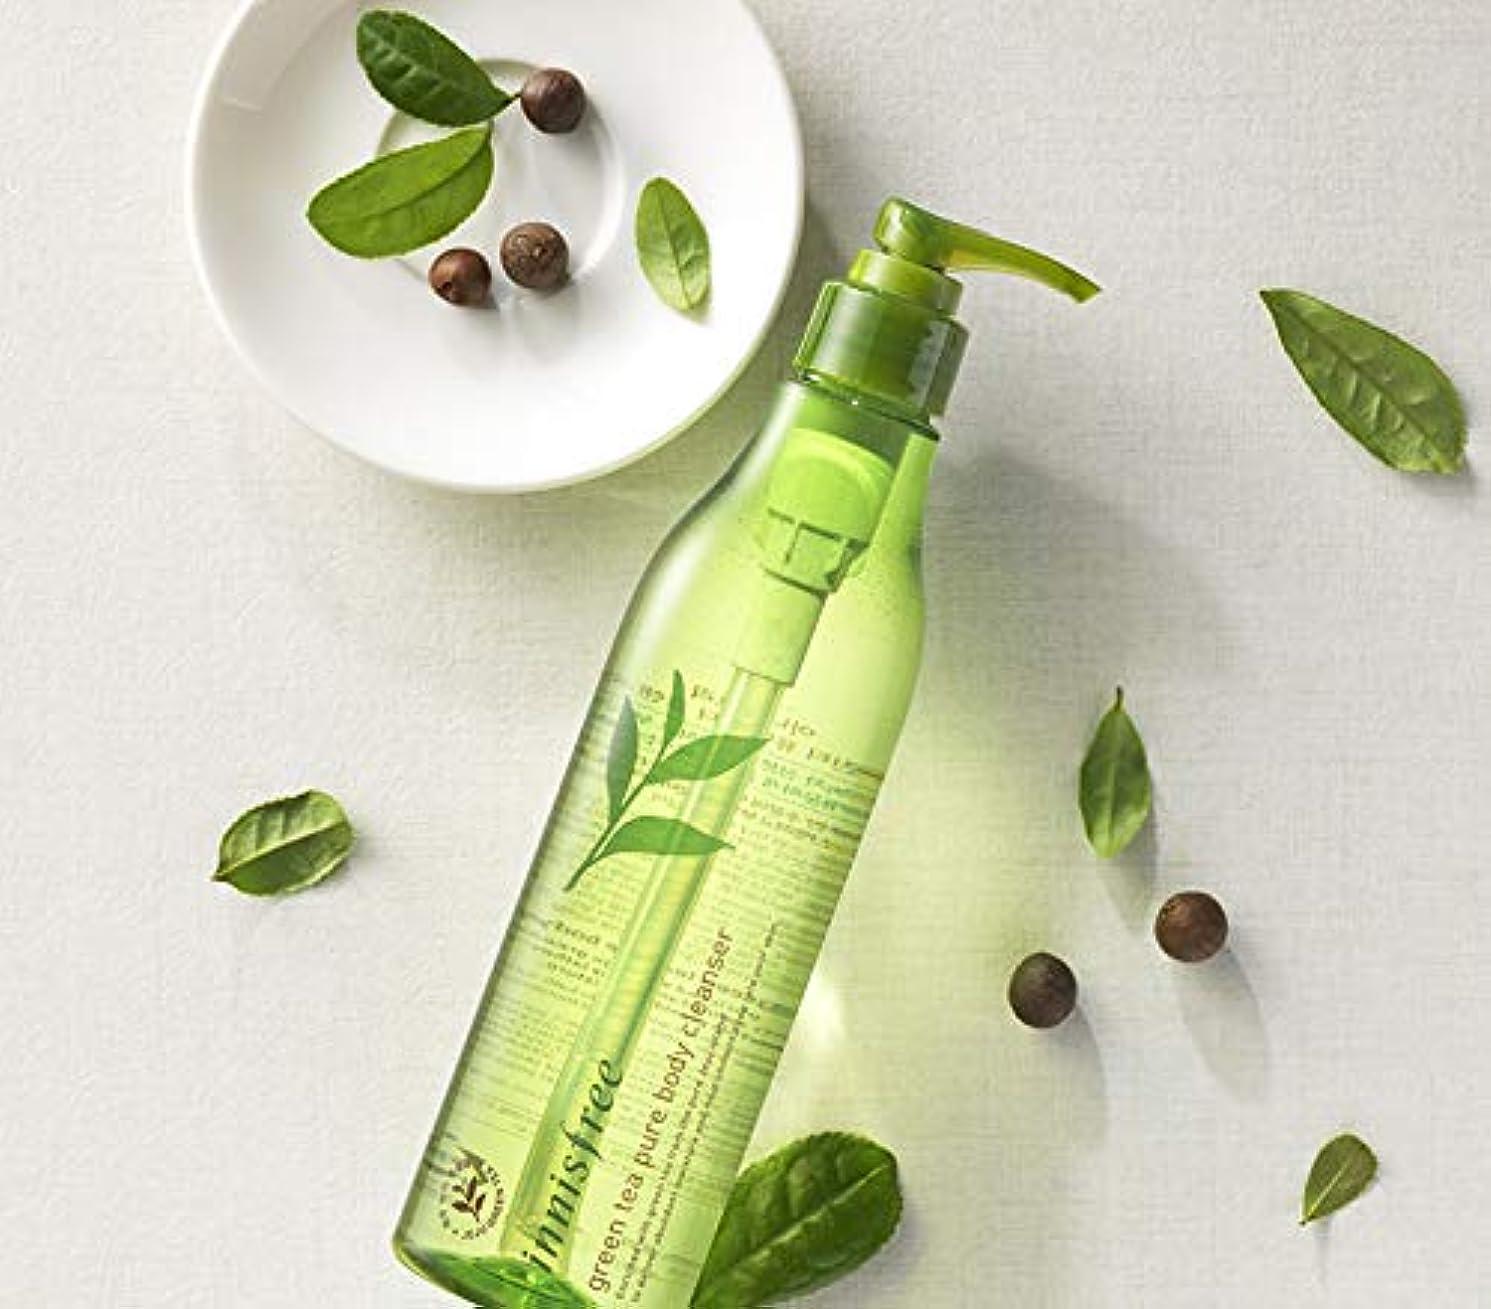 微妙毛皮解き明かす[イニスフリー.innisfree]グリーンティーピュアボディクレンザー300mL/ Green Tea Pure Body Cleanser